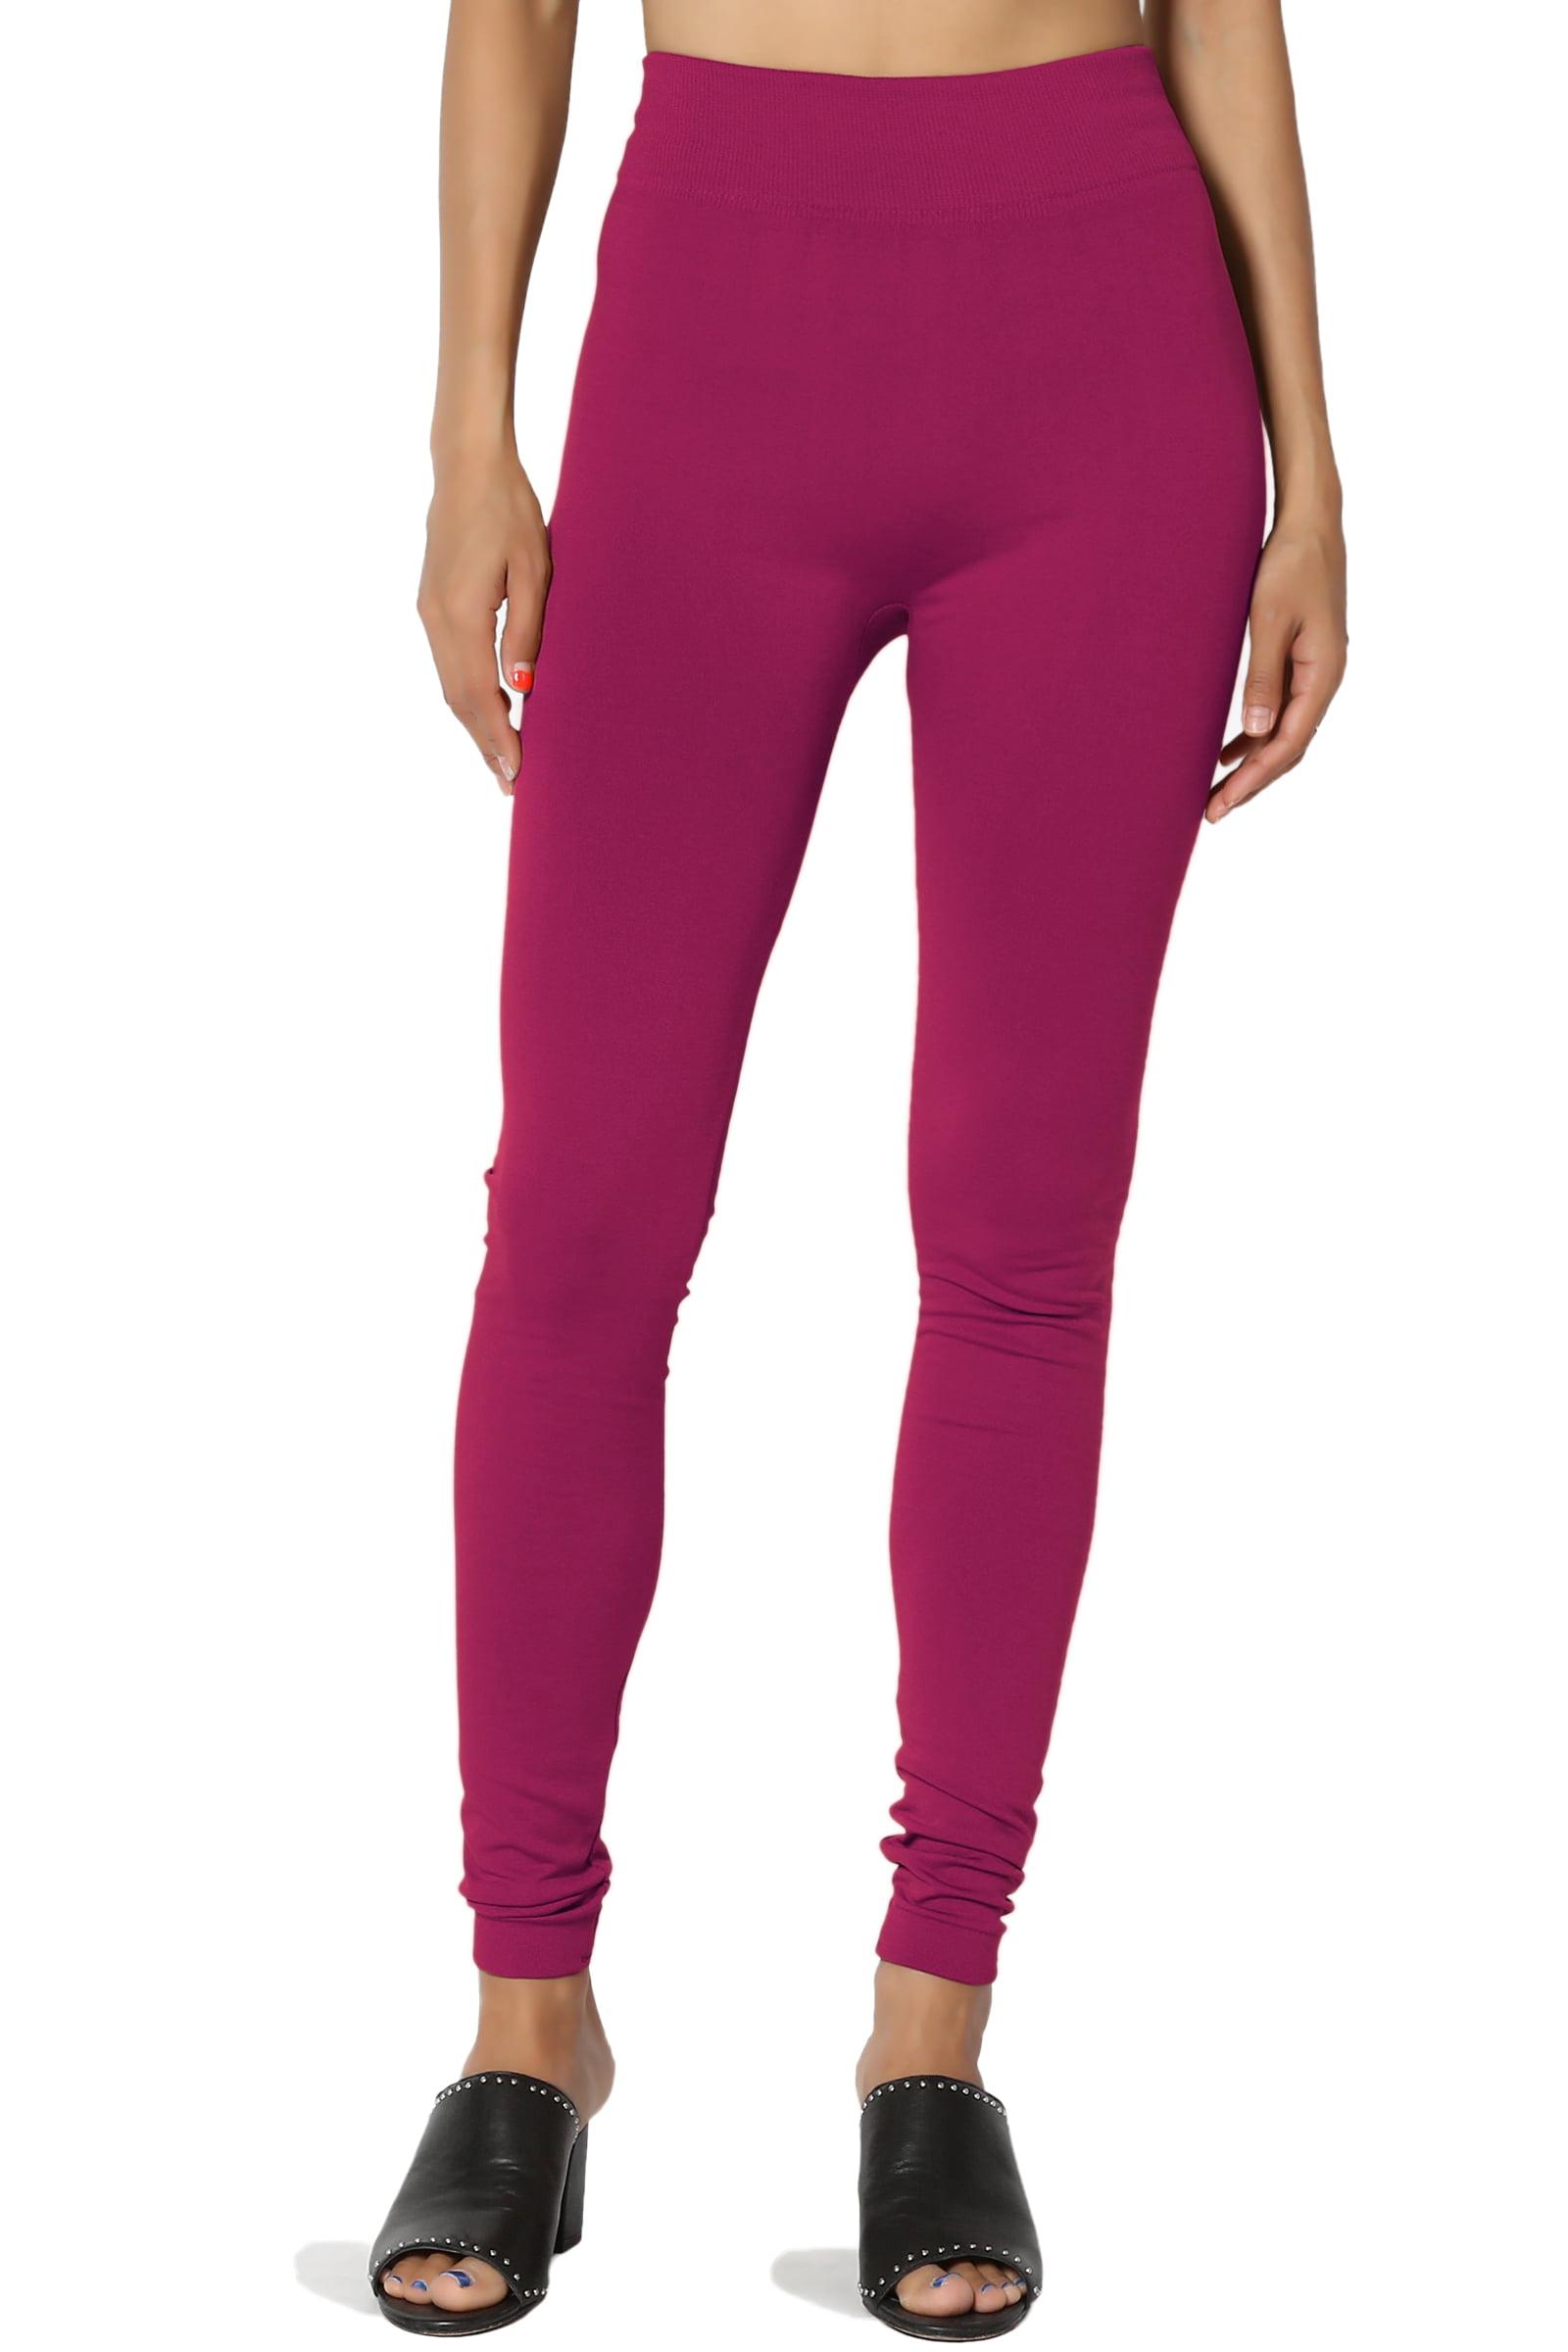 TheMogan Women's S~3X High Waist Warm & Comfort Insulated Seamless Fleece Leggings